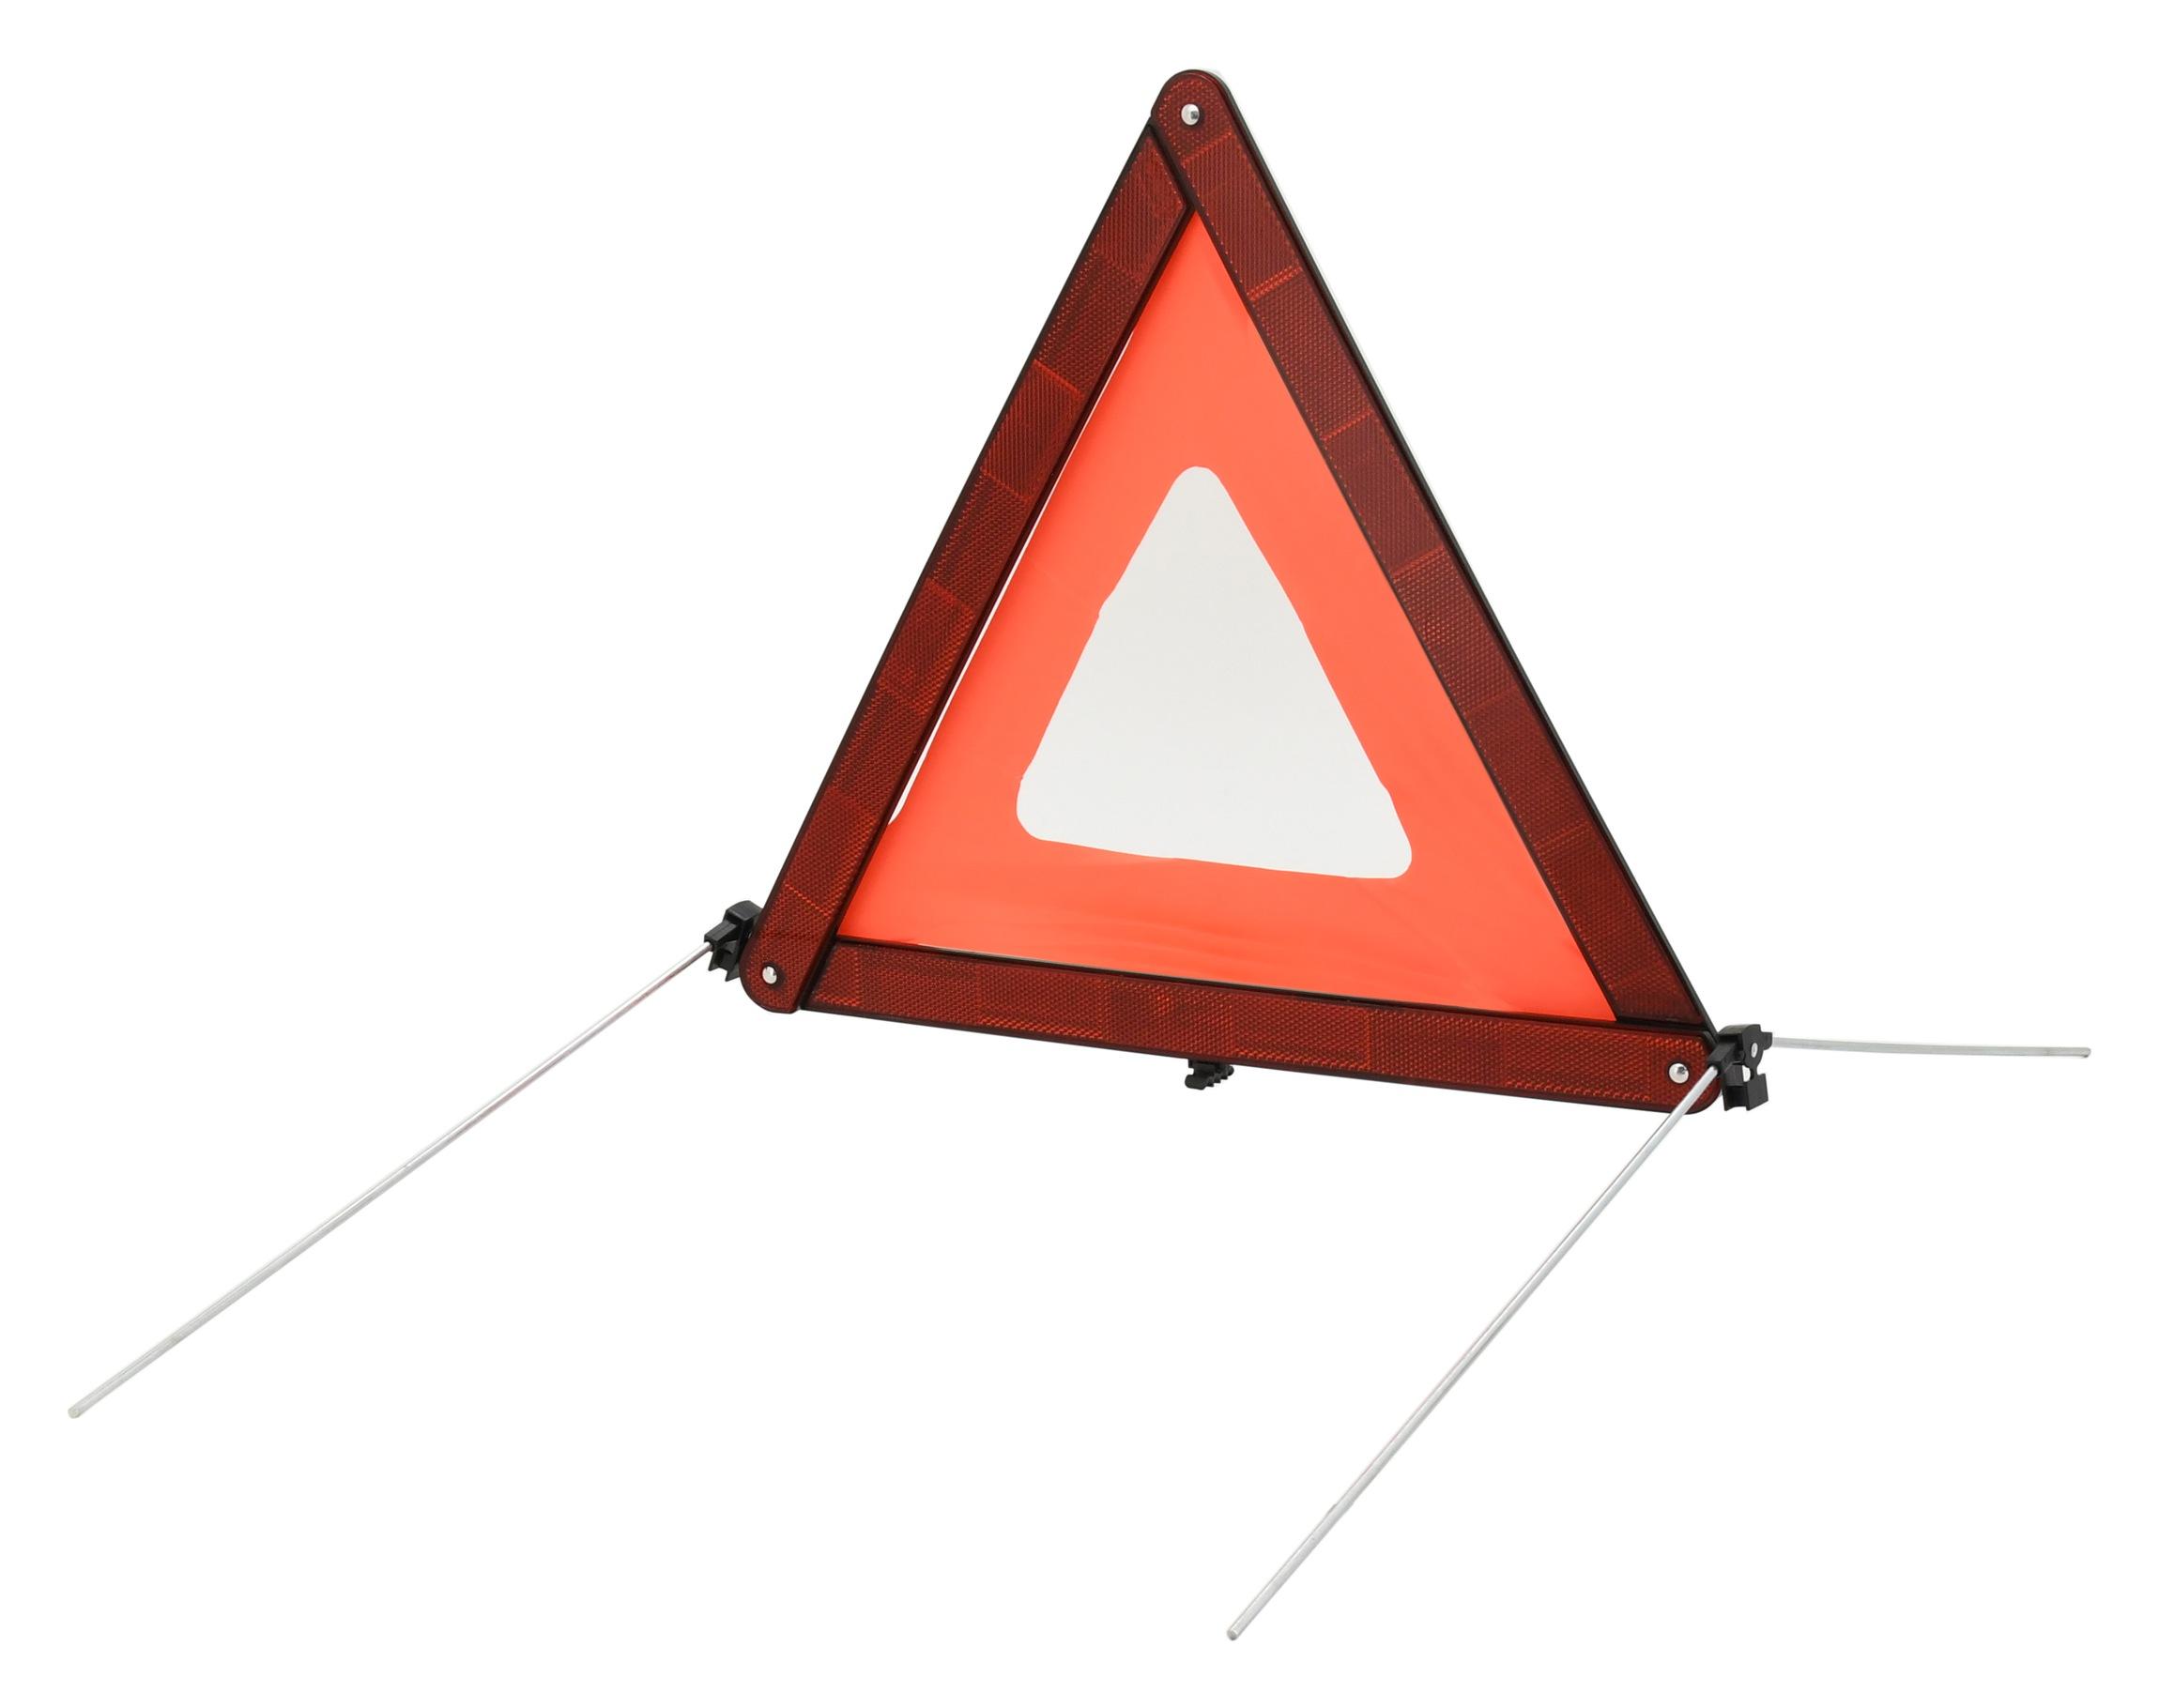 Trojúhelník výstražný 380g úzký E11, 01523